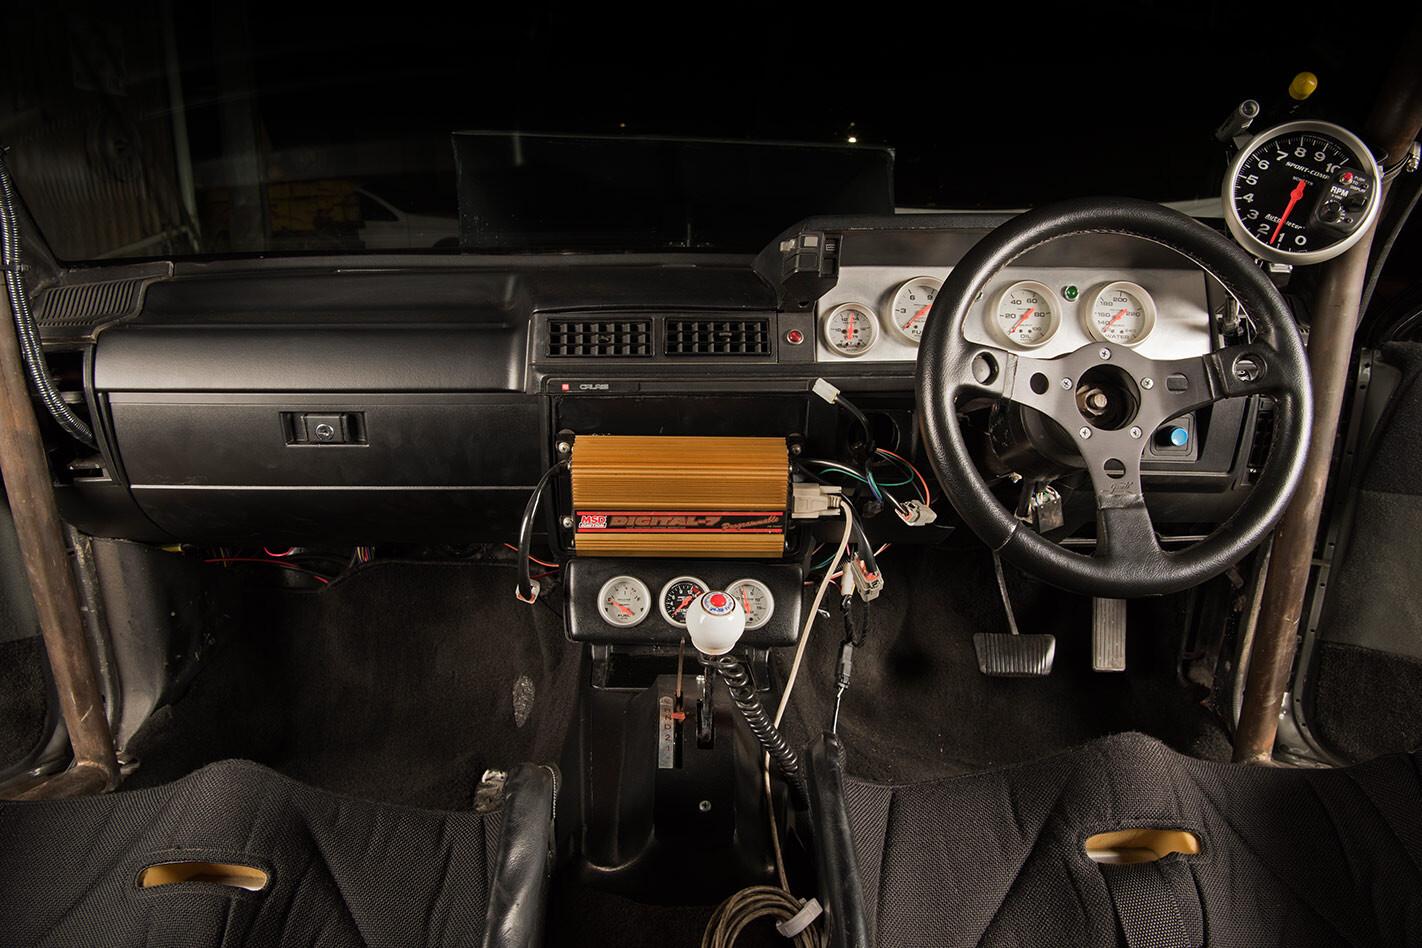 Holden VL Commodore interior